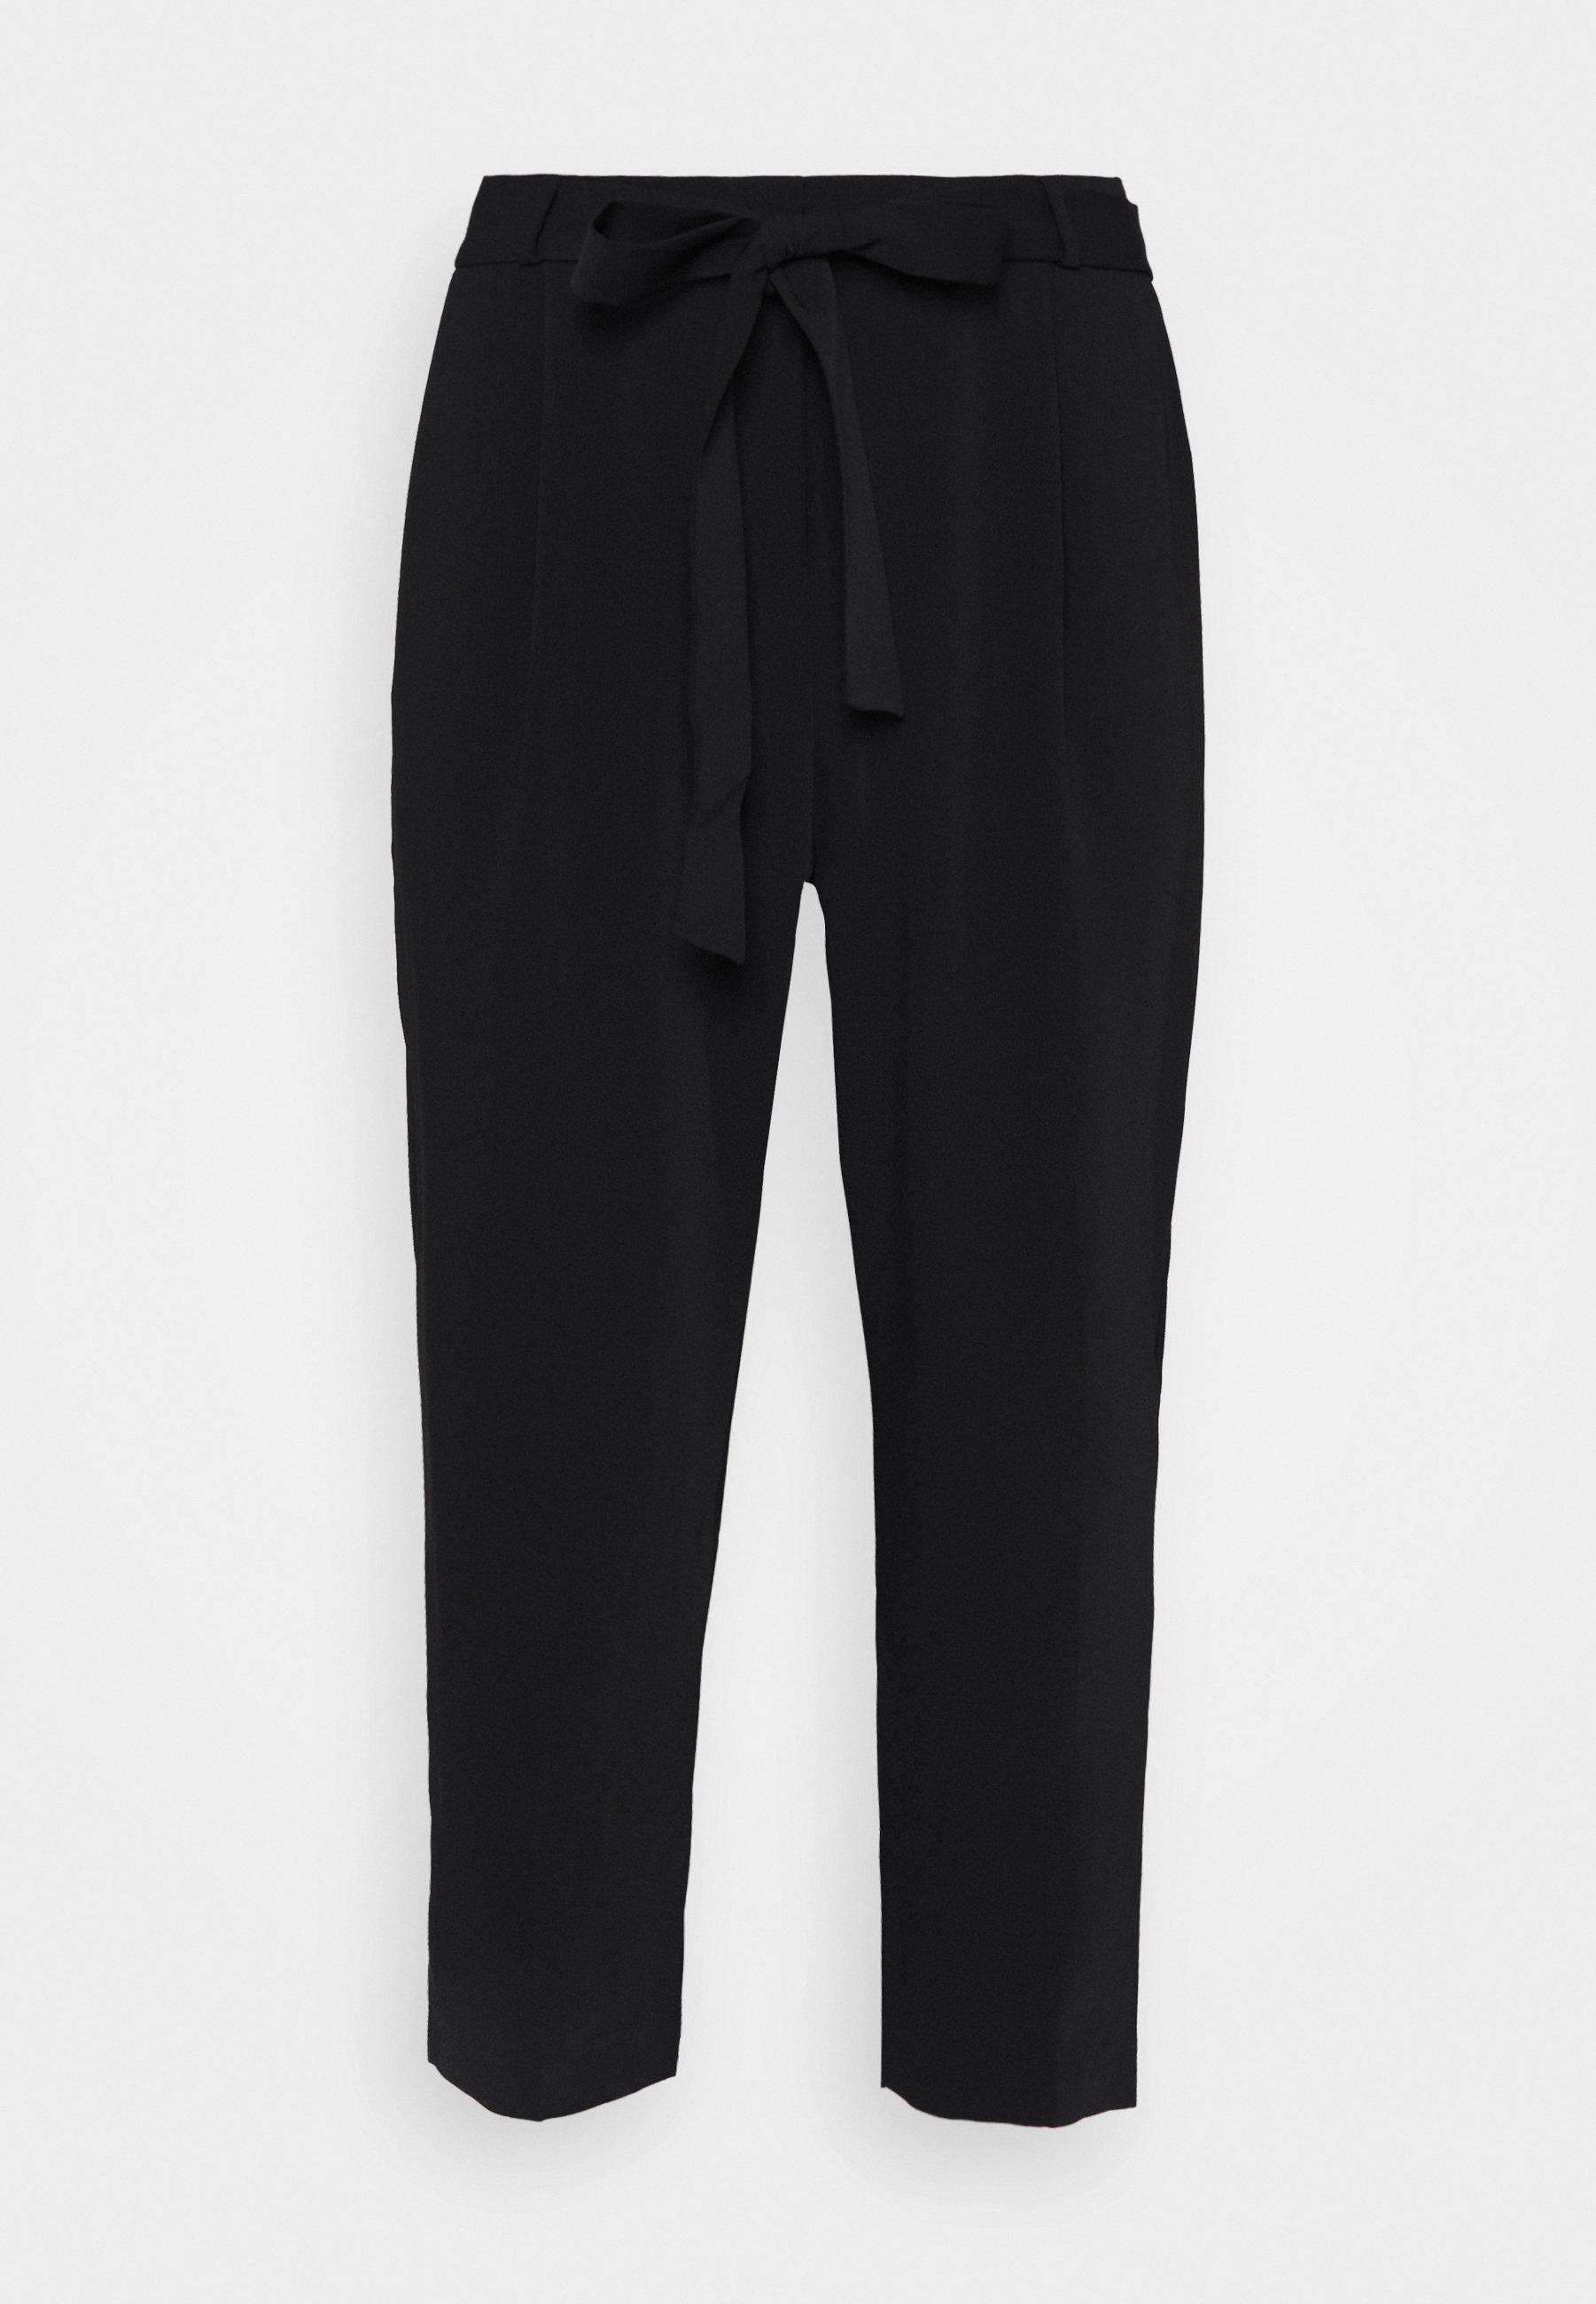 Femme JOLENE TIE WAIST PANT - Pantalon classique